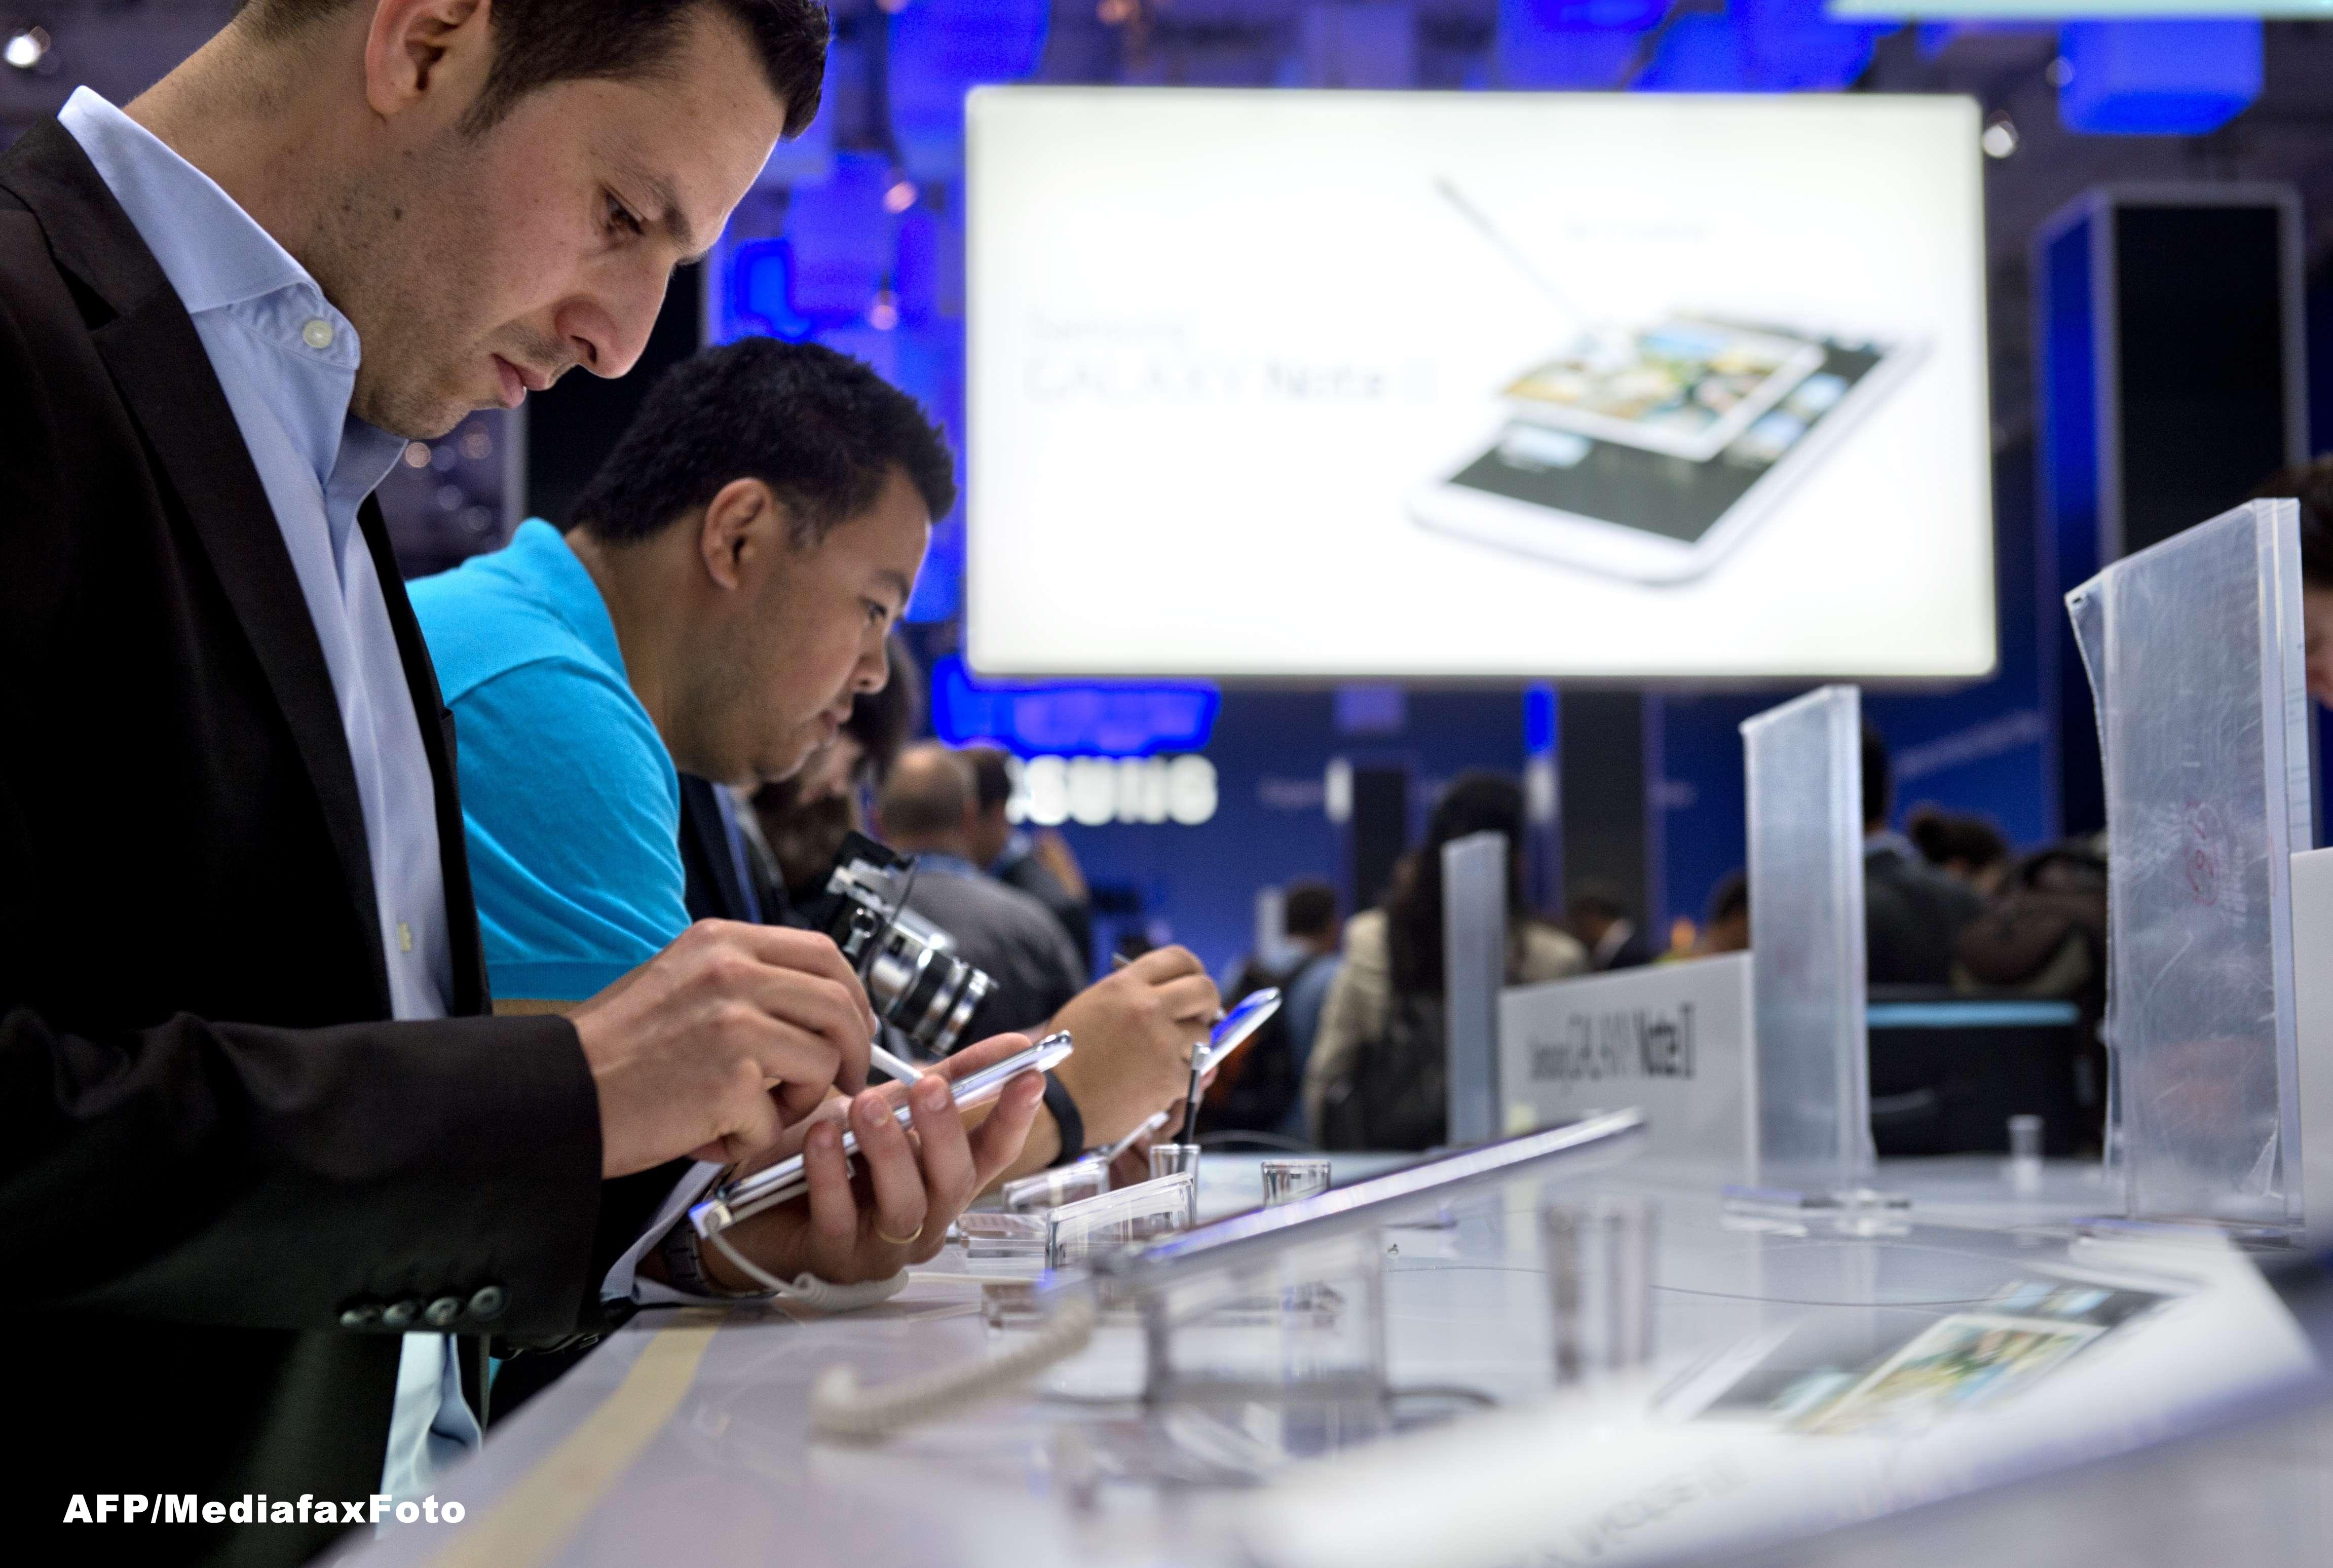 IFA Berlin 2013. STIRILE PROTV transmit LIVE de la targul de tehnologie si comunicatii din Germania